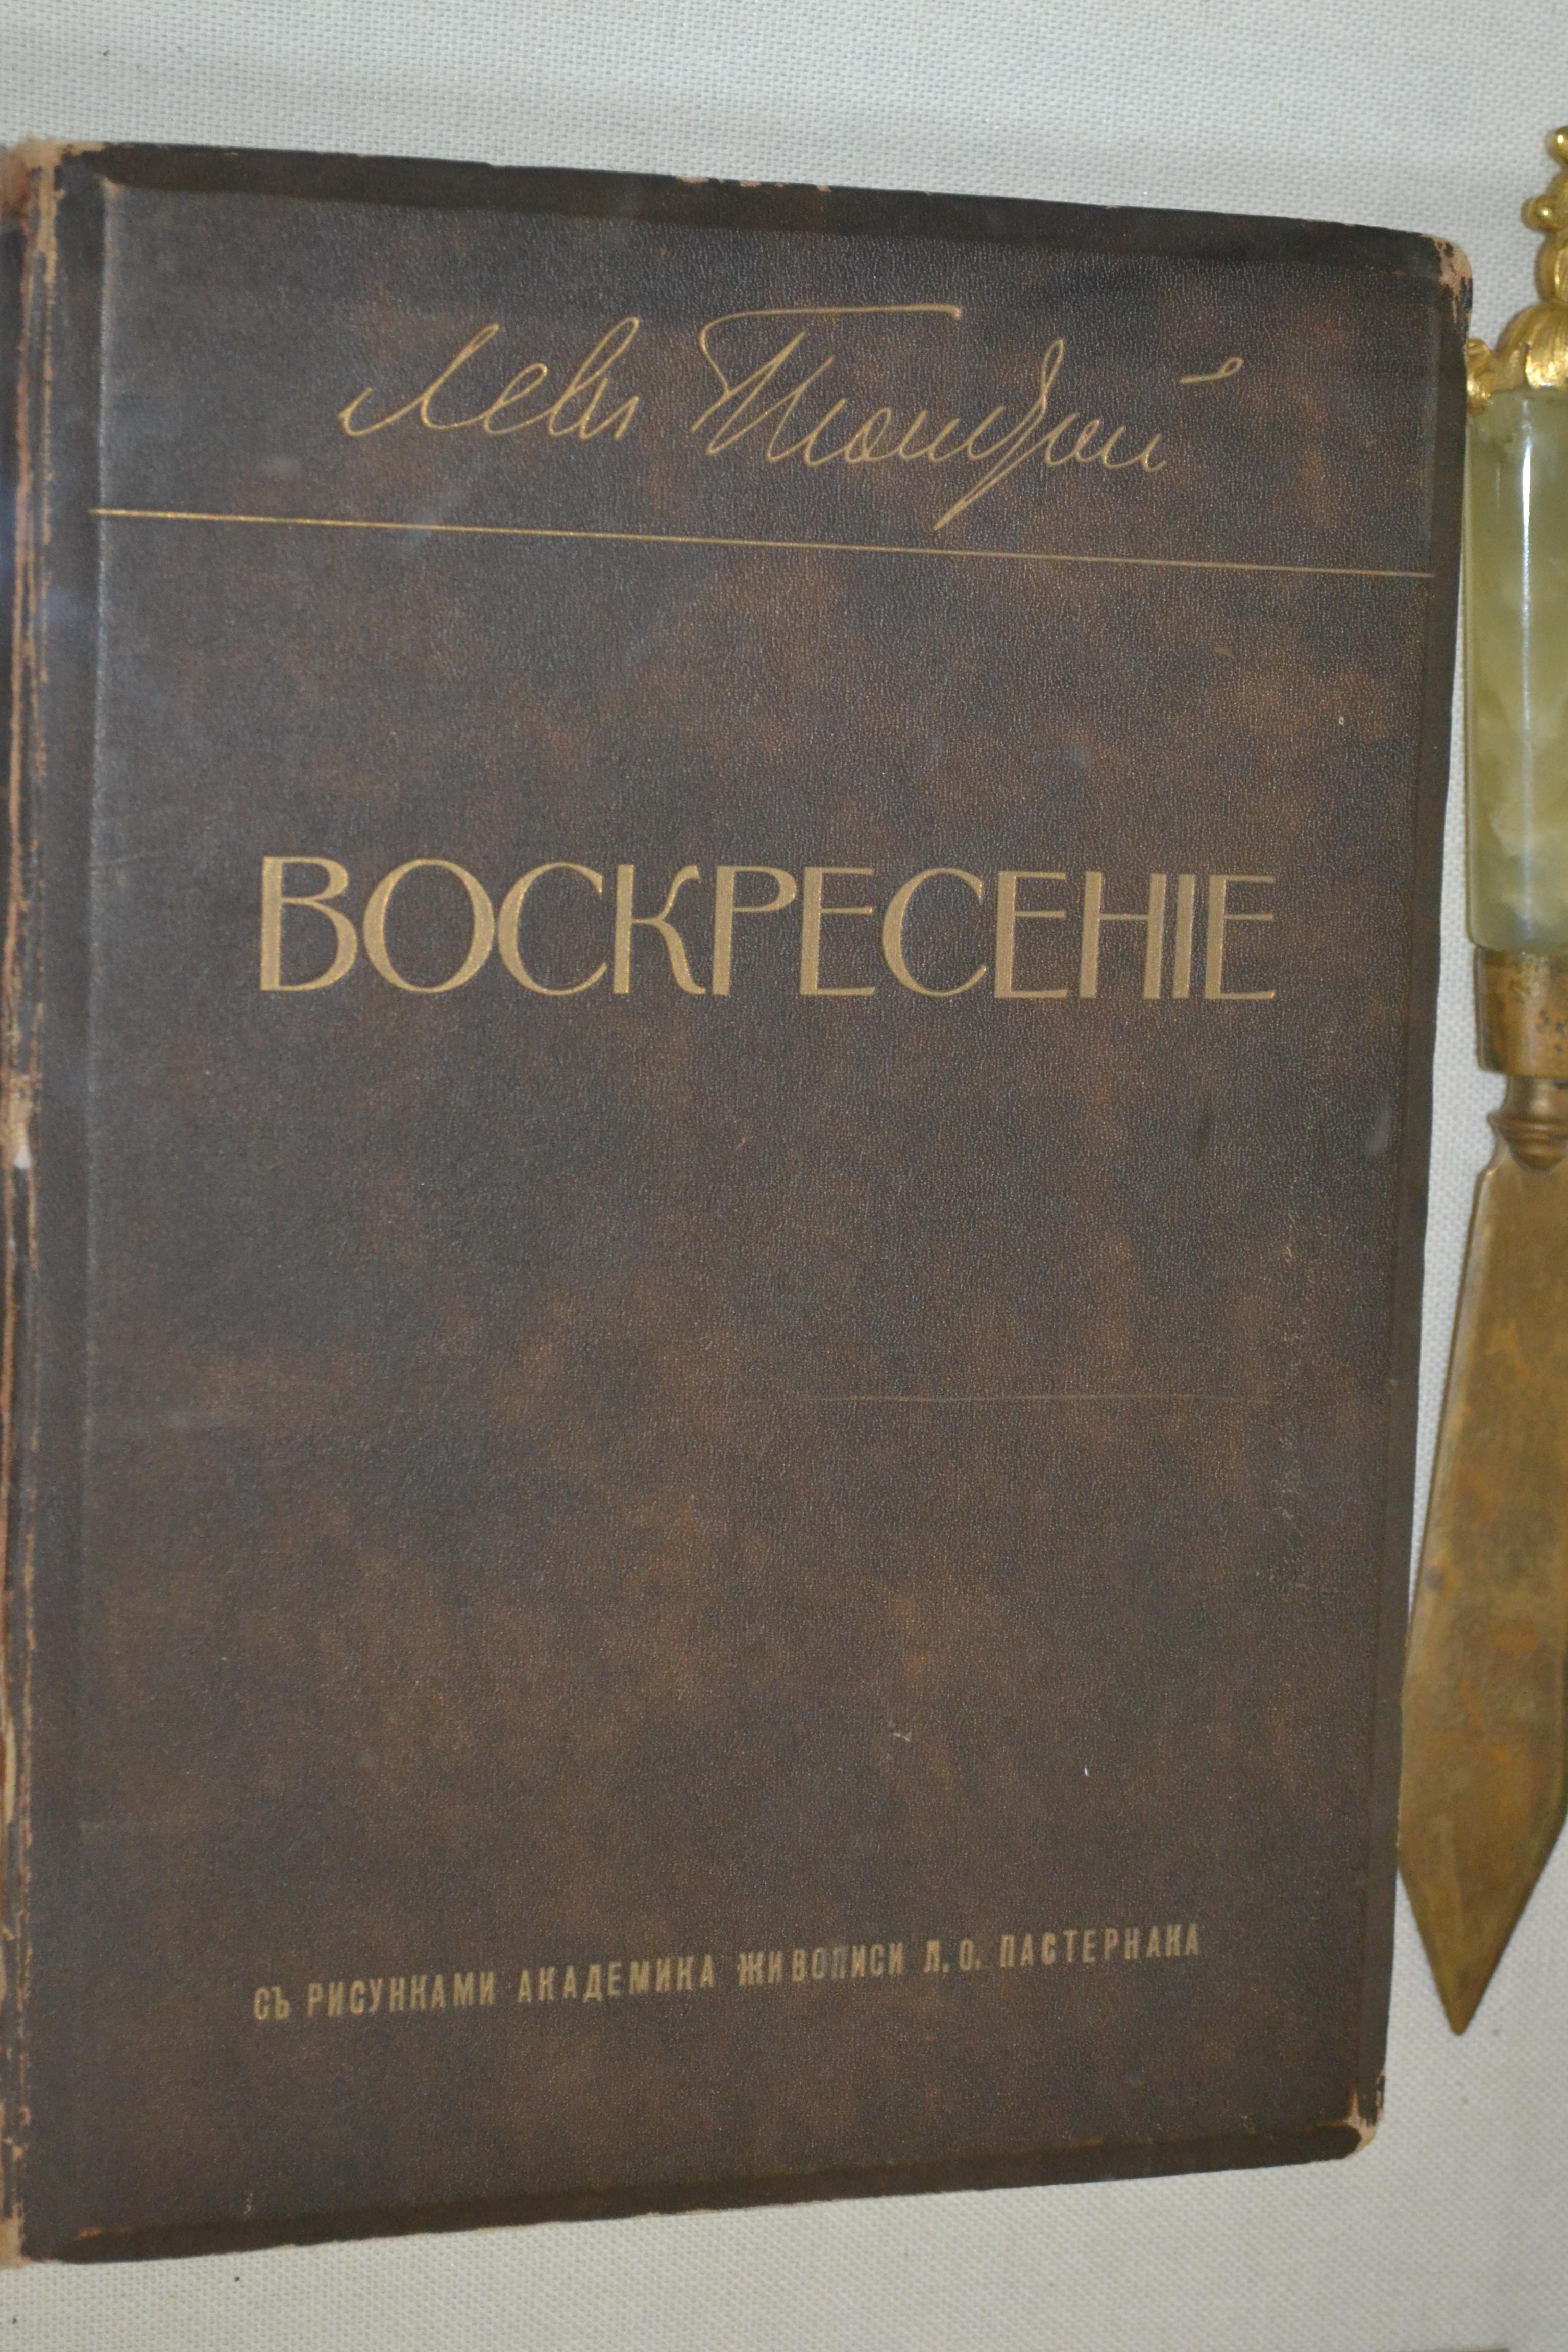 8. книга Л. Толстого Воскресение, иллюстрированная Леонидом Осиповичем Пастернаком, отцом писателя